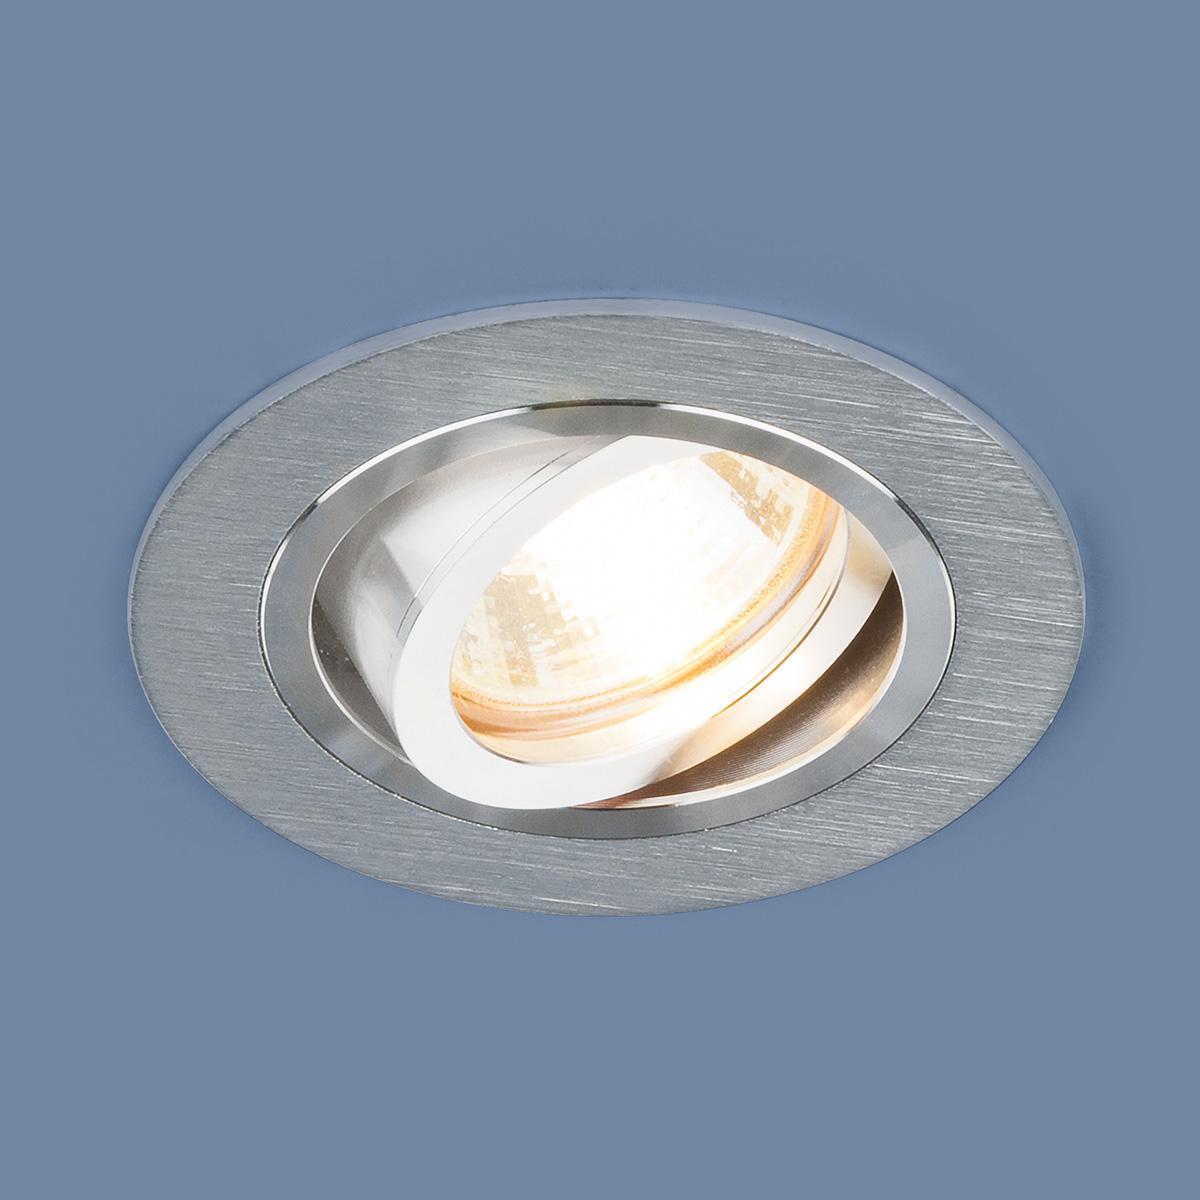 Встраиваемый светильник Elektrostandard 1061/1 MR16 SL серебро 4690389095498 встраиваемый светильник elektrostandard 1061 2 mr16 sl серебро 4690389095504